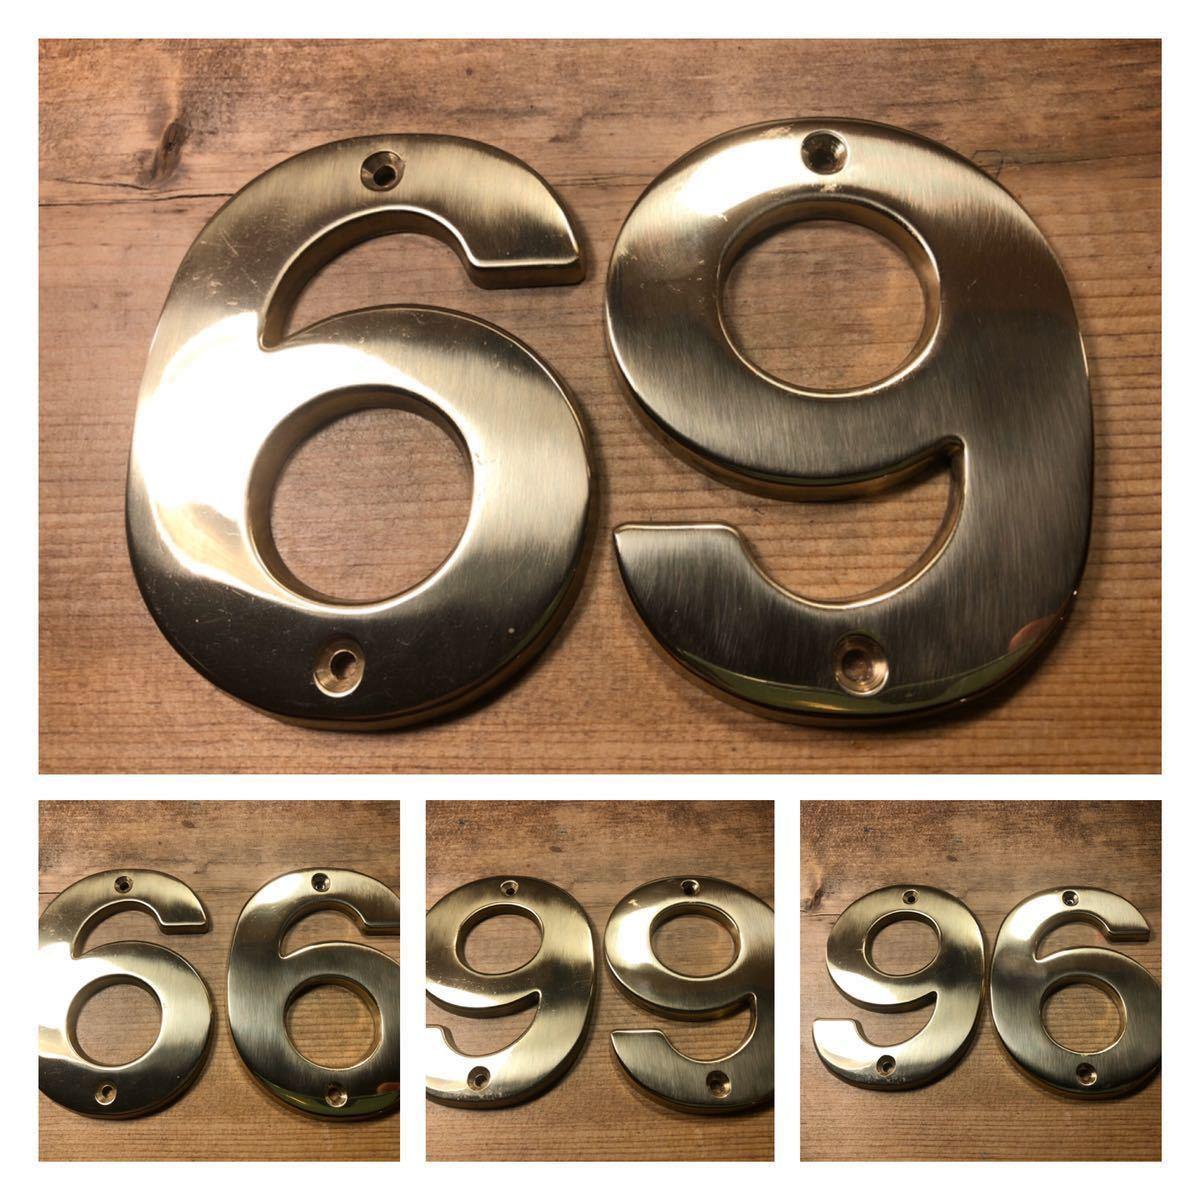 ☆未使用☆米国にて購入のSOLID BRASS 純正真鍮ブラスナンバー2枚セット 洗練されたデザイン!_画像2